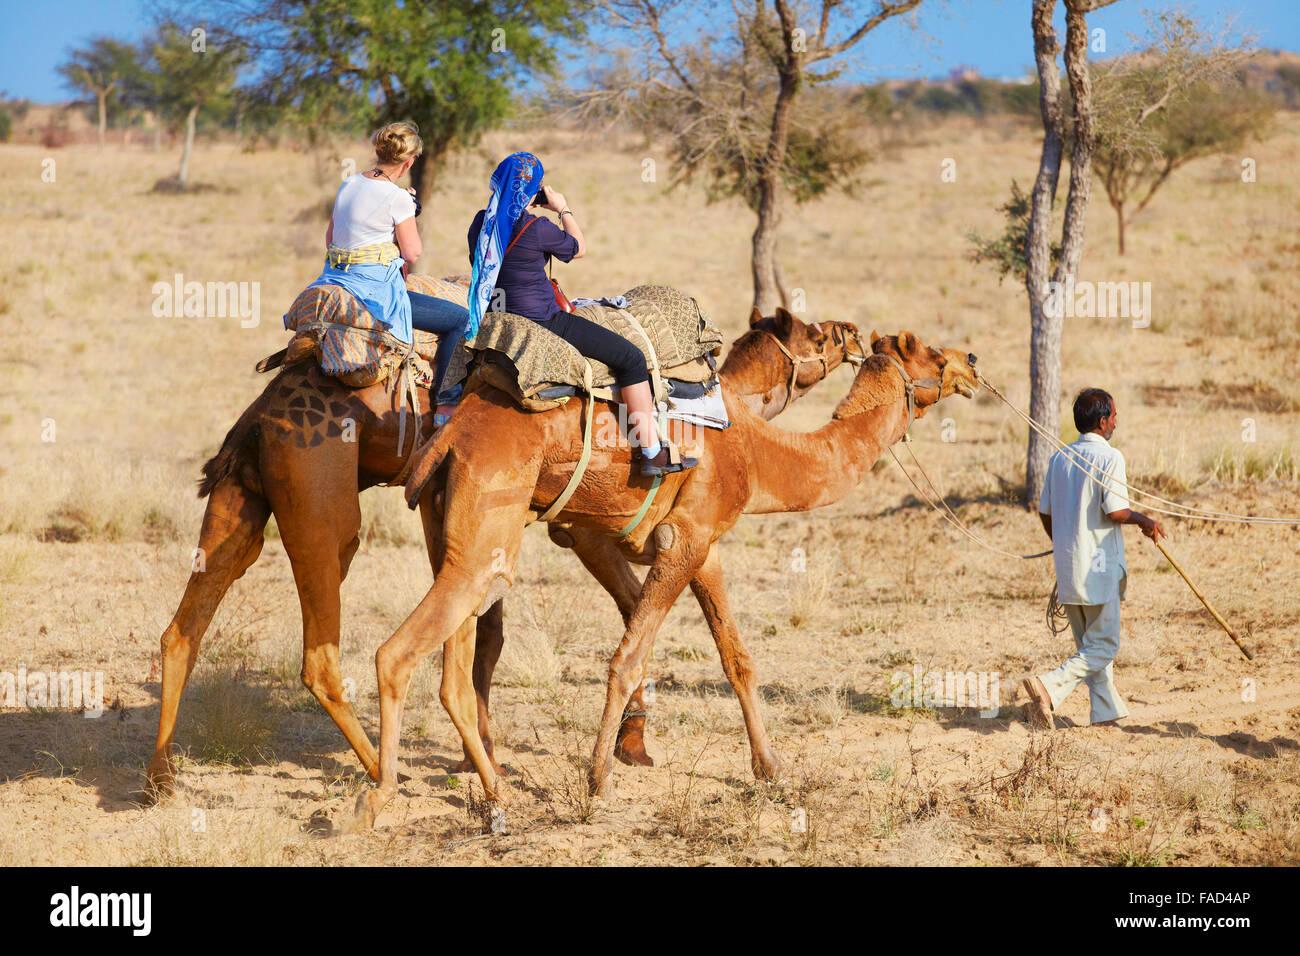 Zwei Kamele mit Touristen reiten Safari auf der Thar-Wüste in der Nähe von Jaisalmer, Indien Stockbild